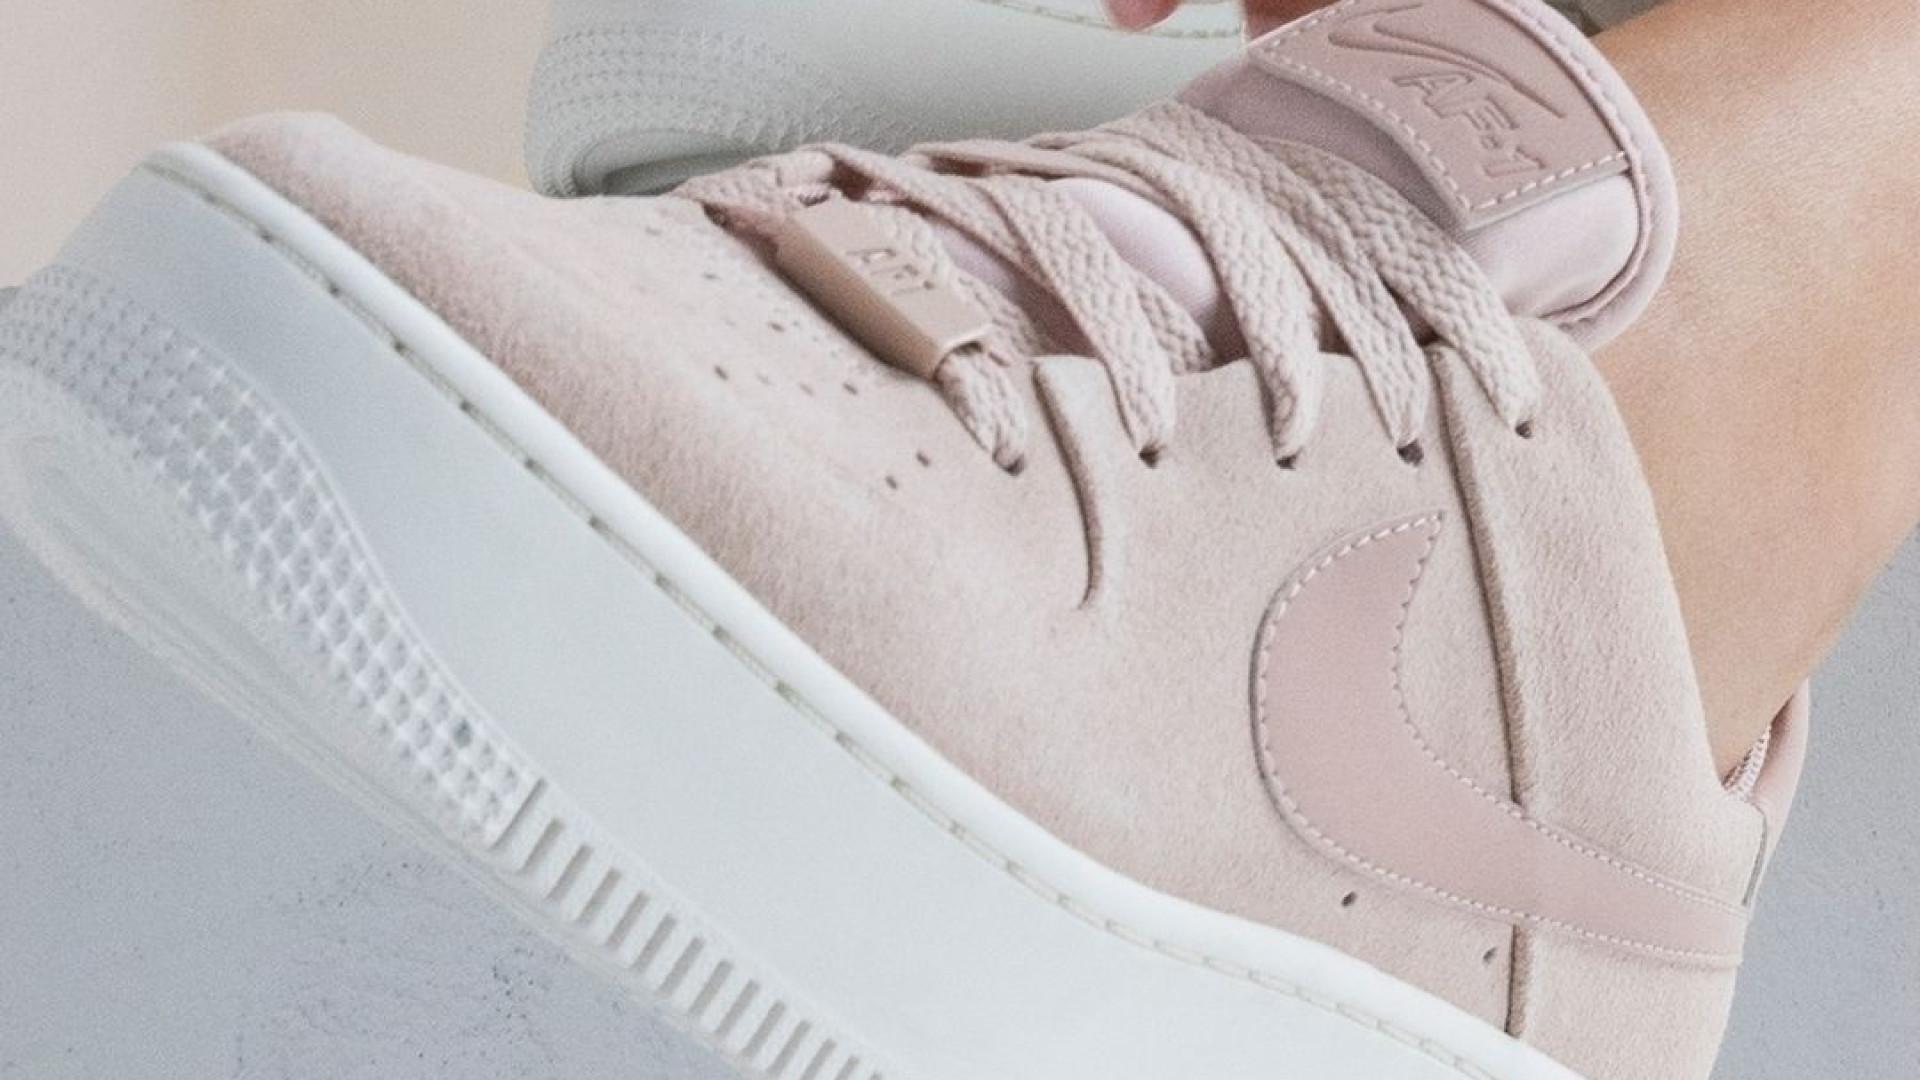 online retailer c140f da1a9 Nike Air Force 1 Sage Low, a tendência da temporada que esgota em semanas